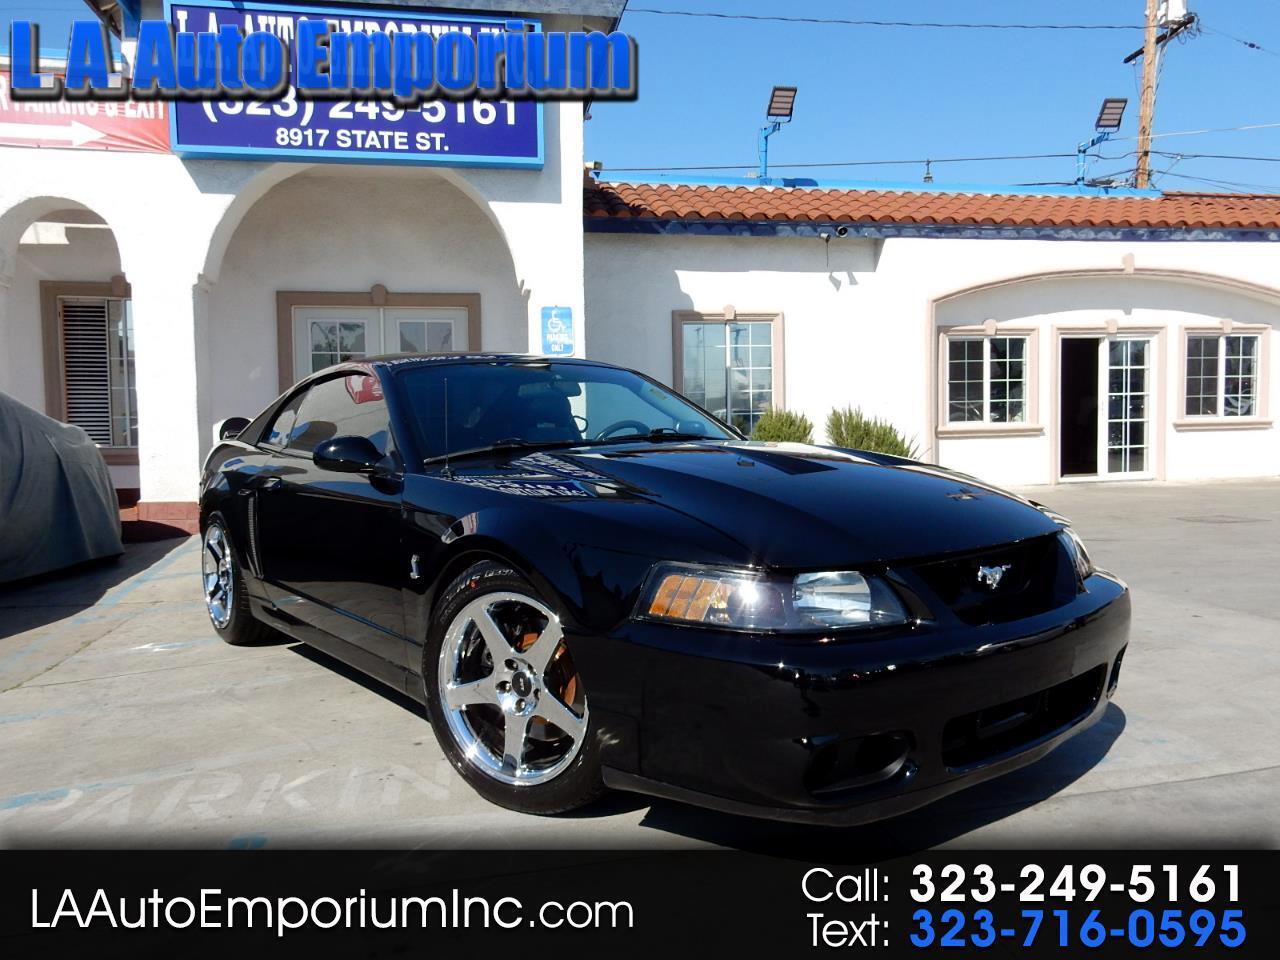 2004 Ford Mustang 2dr Cpe SVT Cobra